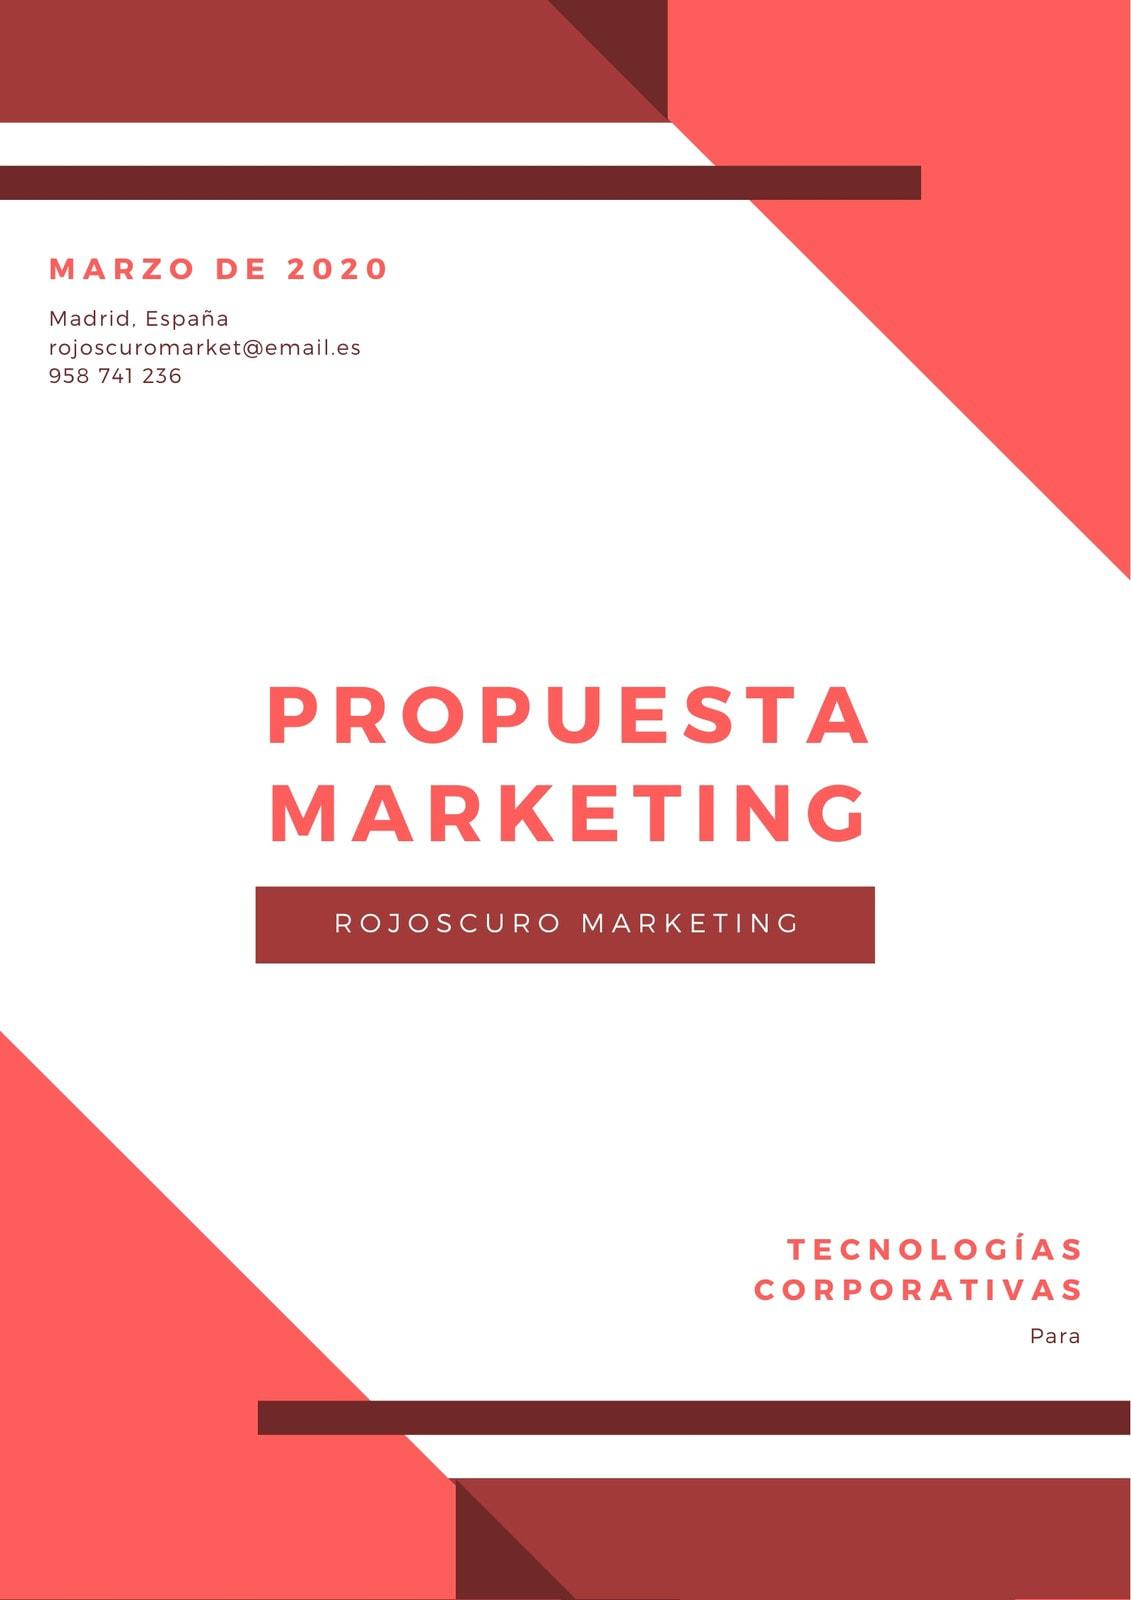 Rojo Blanco Geométrico Propuesta de Marketing